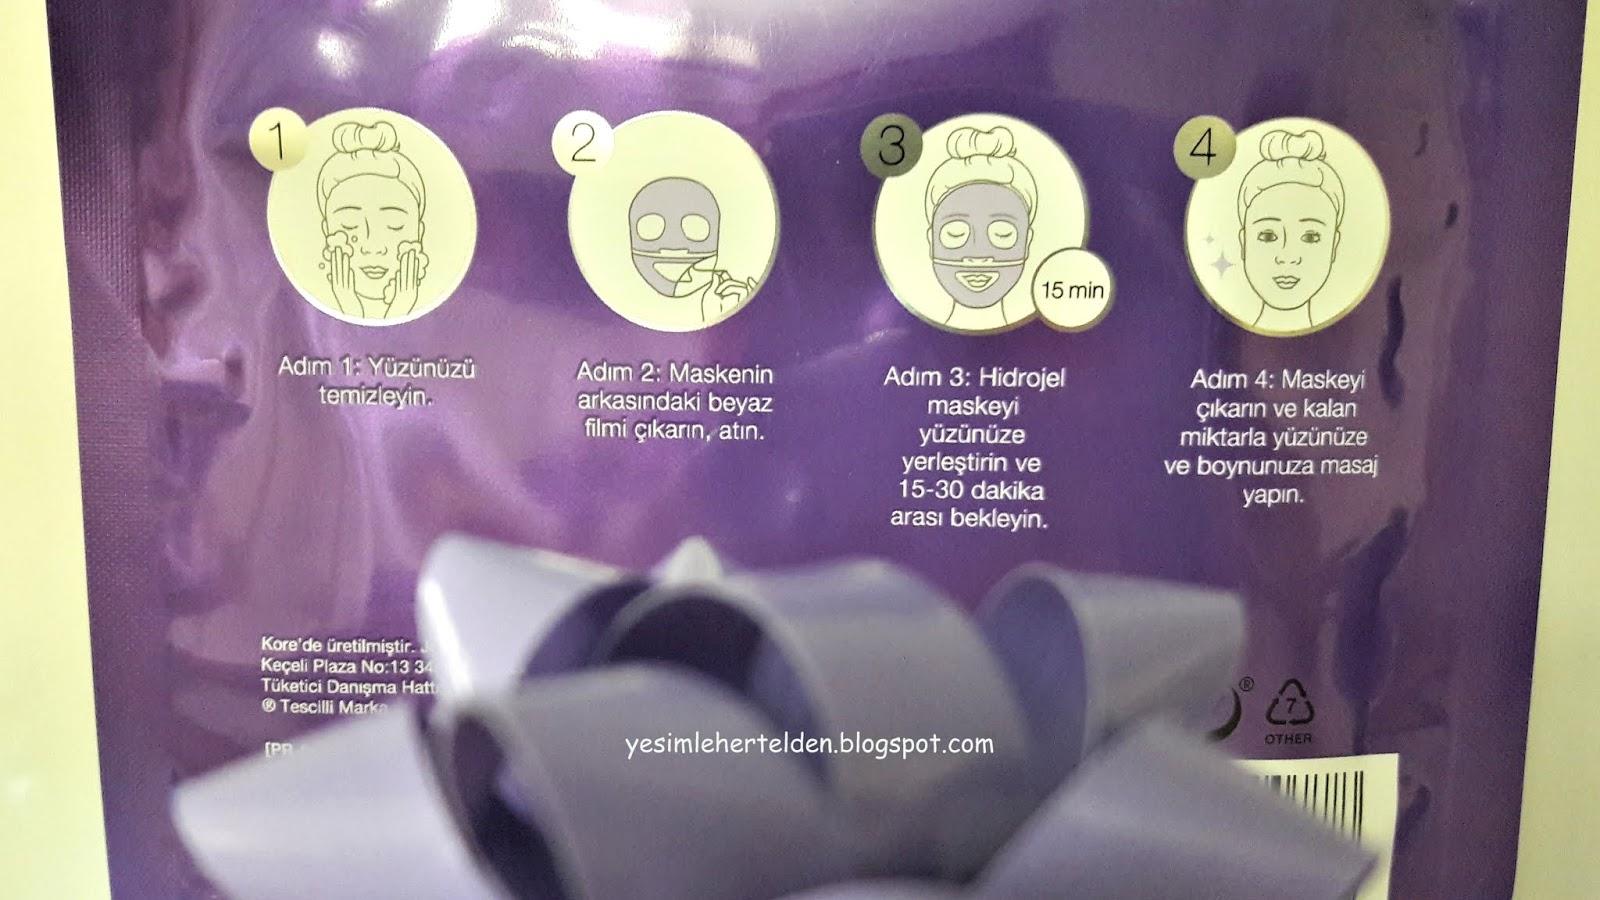 Kırışıklıklar Yaşlanma Maskeleri: Hidrojel ve Ev